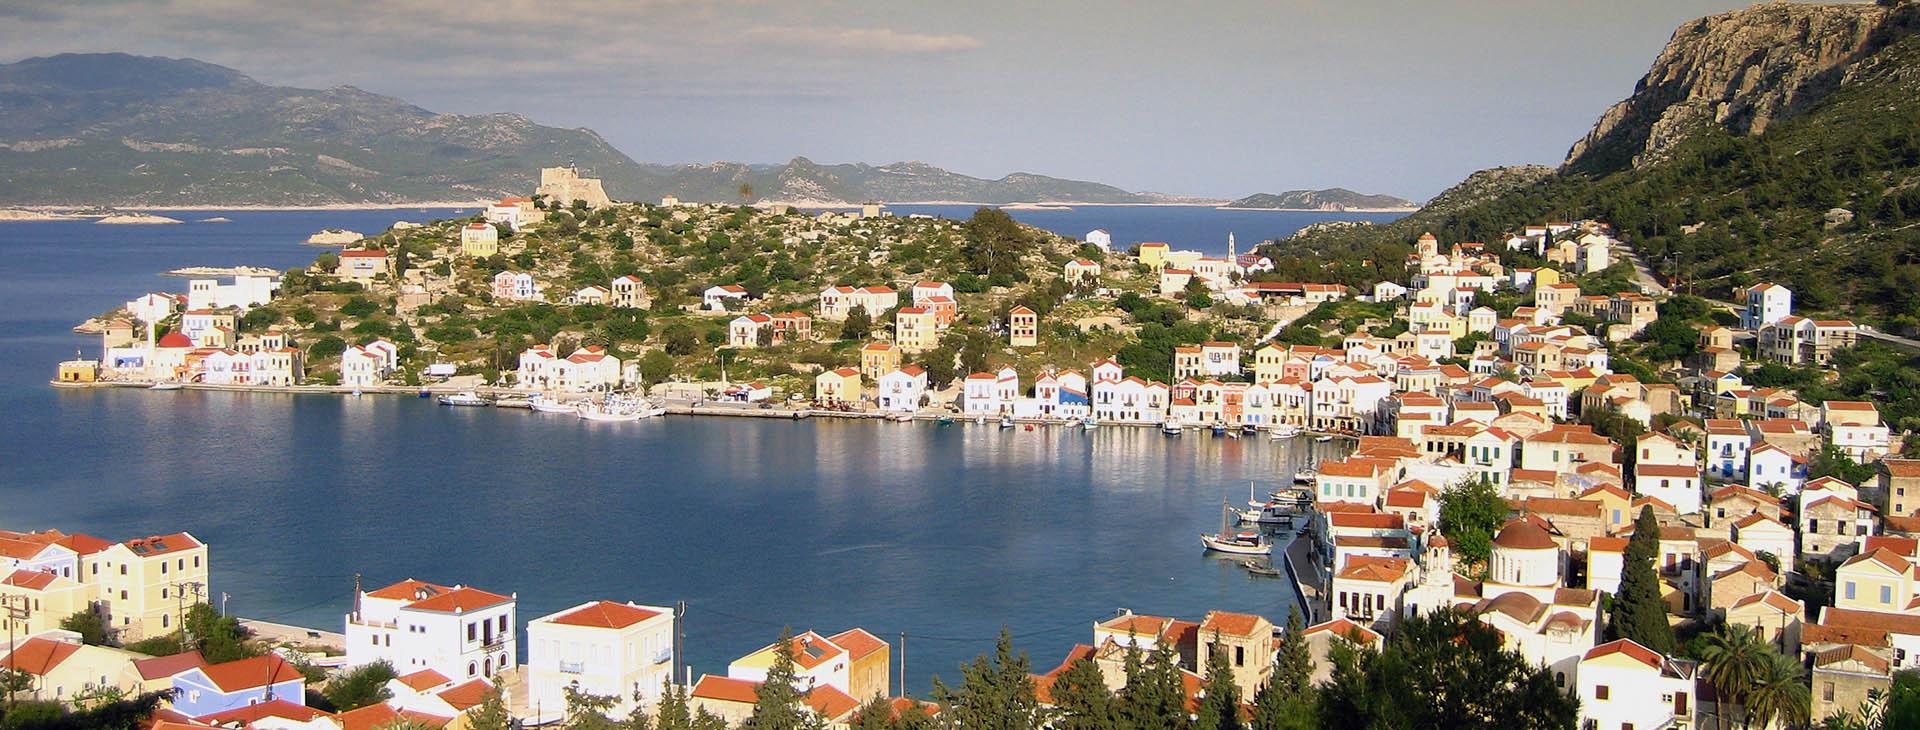 Port of Kastellorizo isle, Dodecanese islands